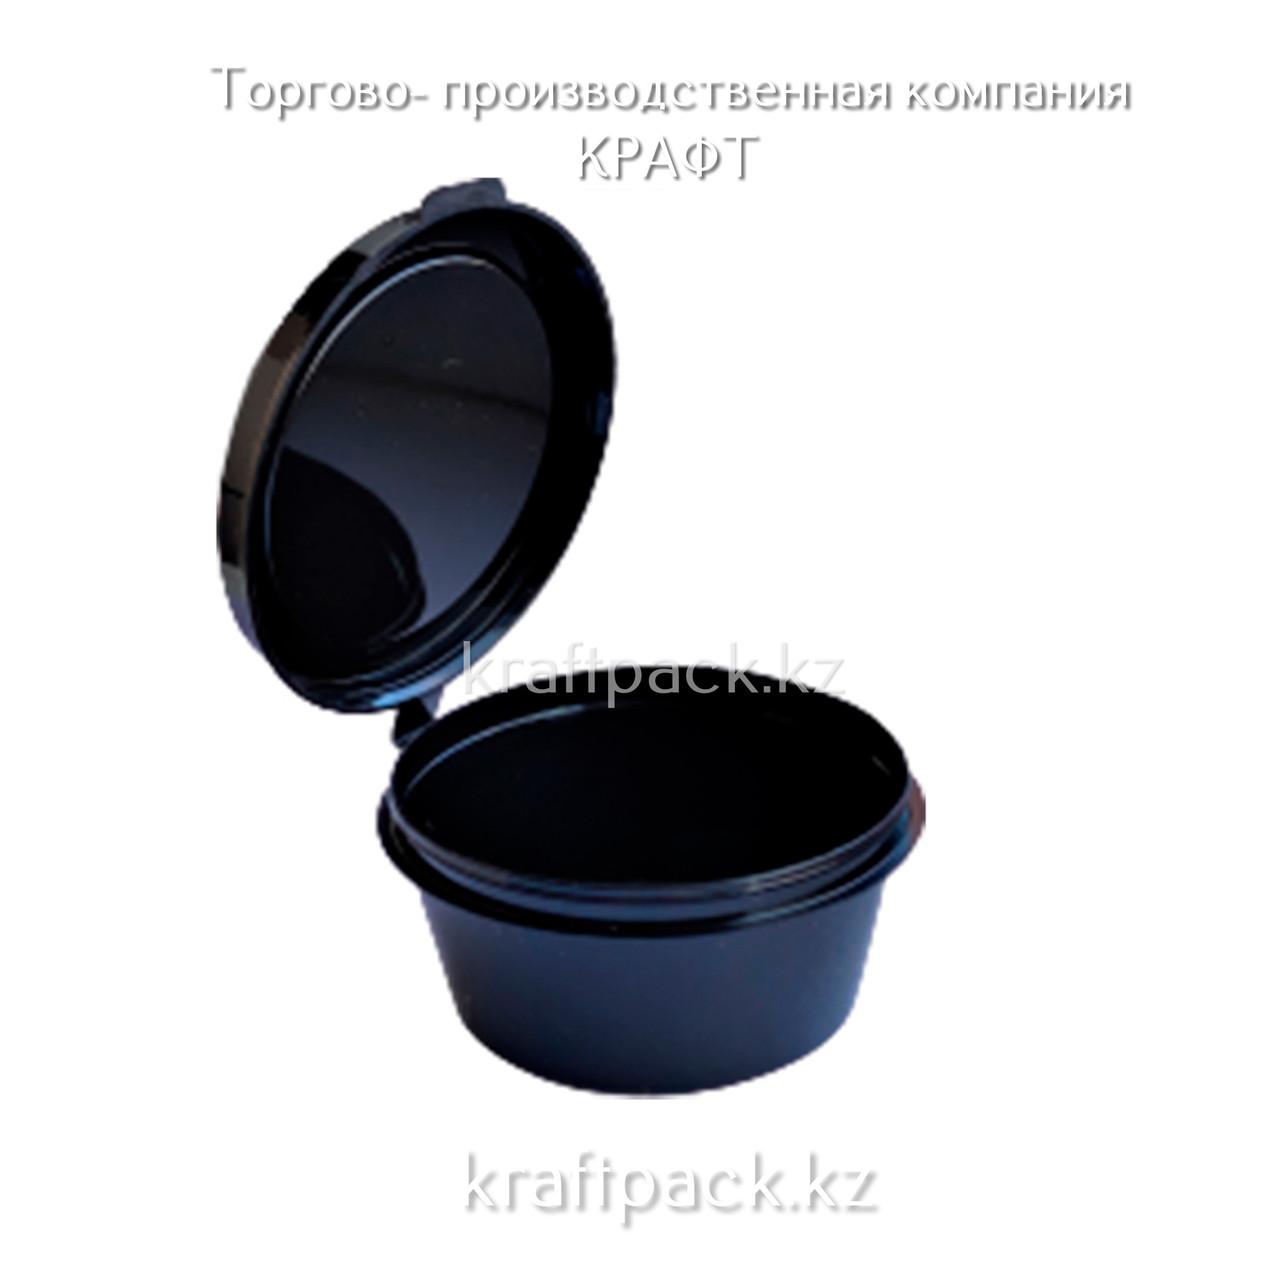 Соусник пластиковый с совмещенной крышкой ЧЕРНЫЙ 80 мл (80/960)